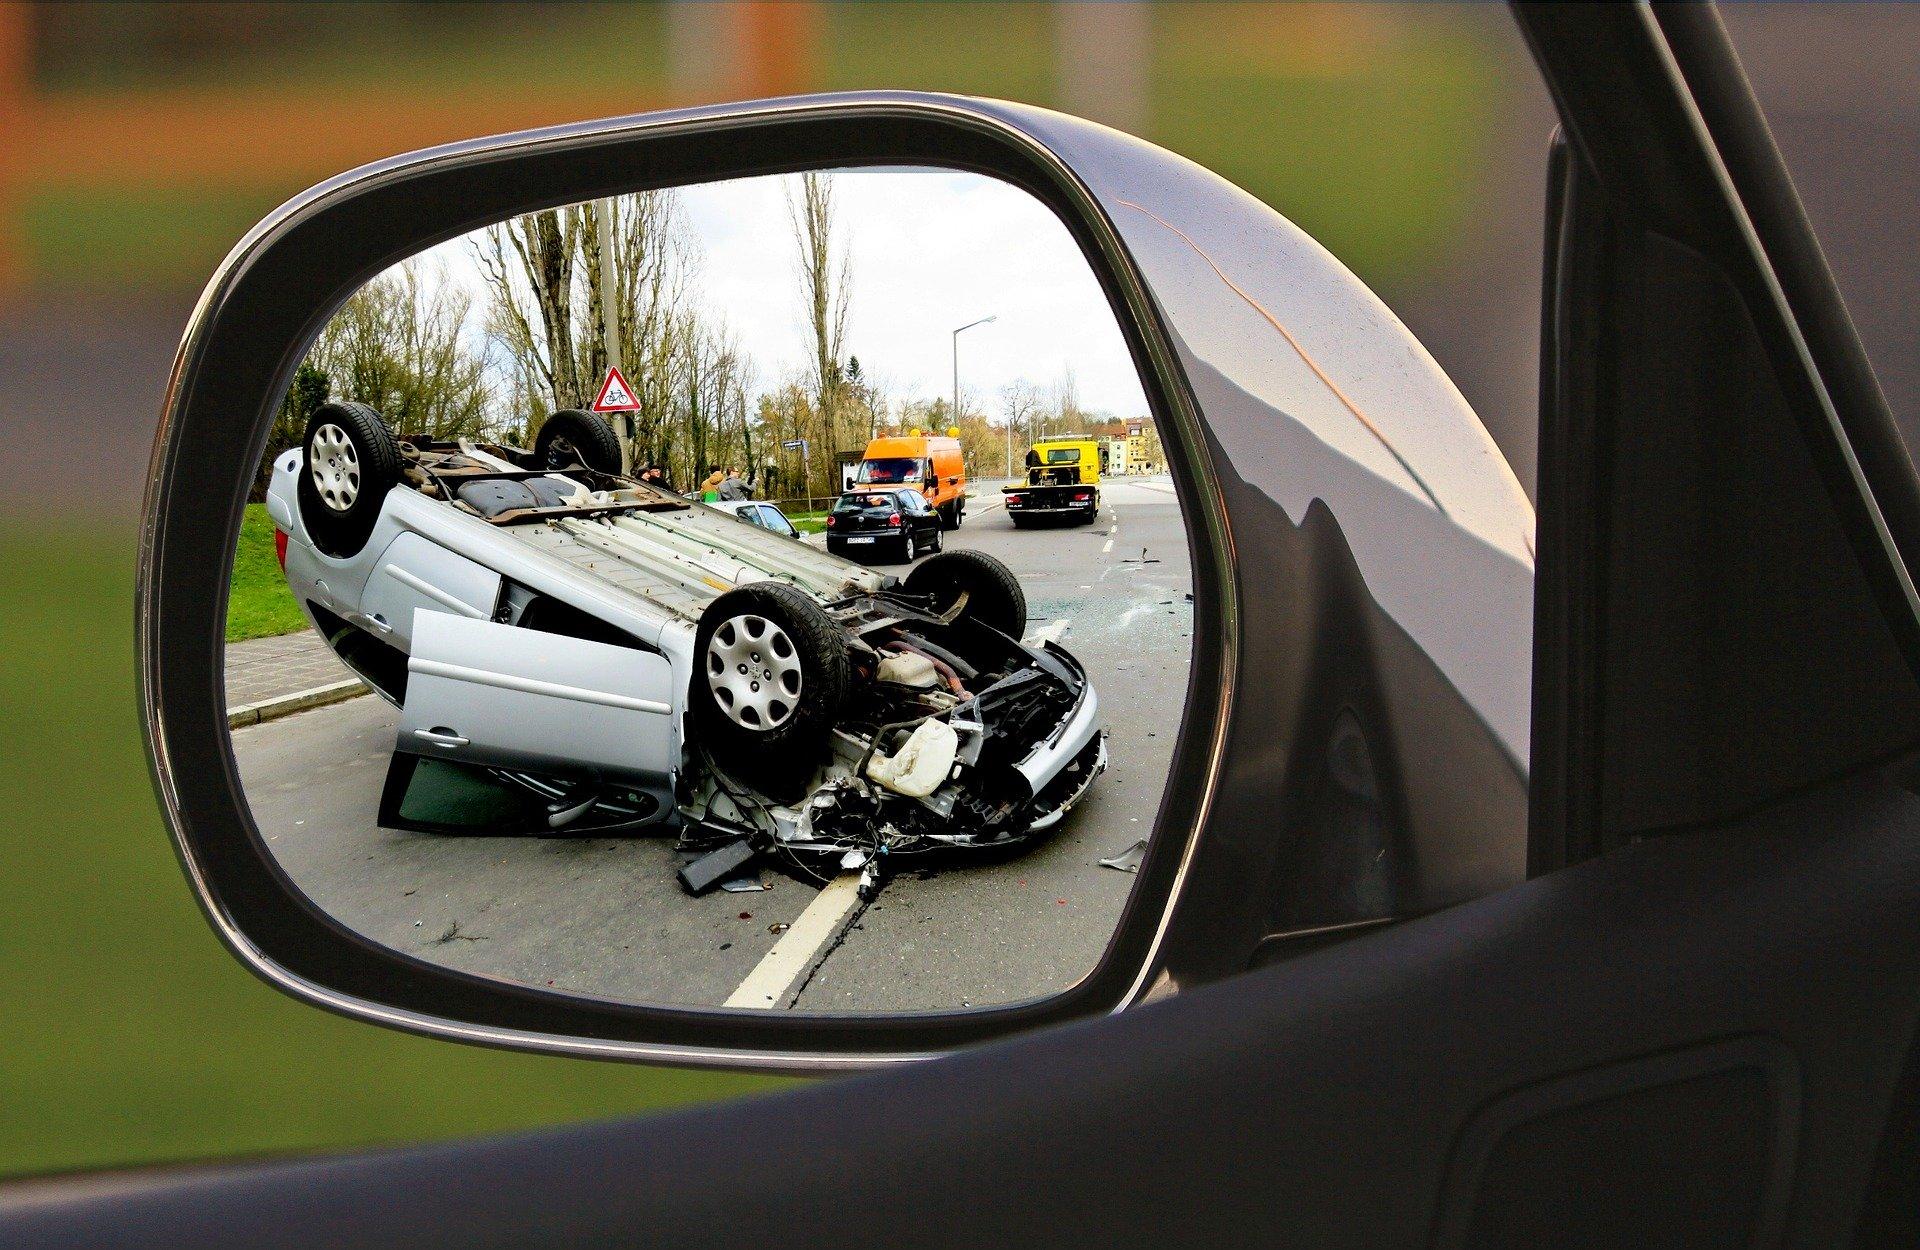 Verkehrsrecht: Was muss man am Unfallort beachten? 6